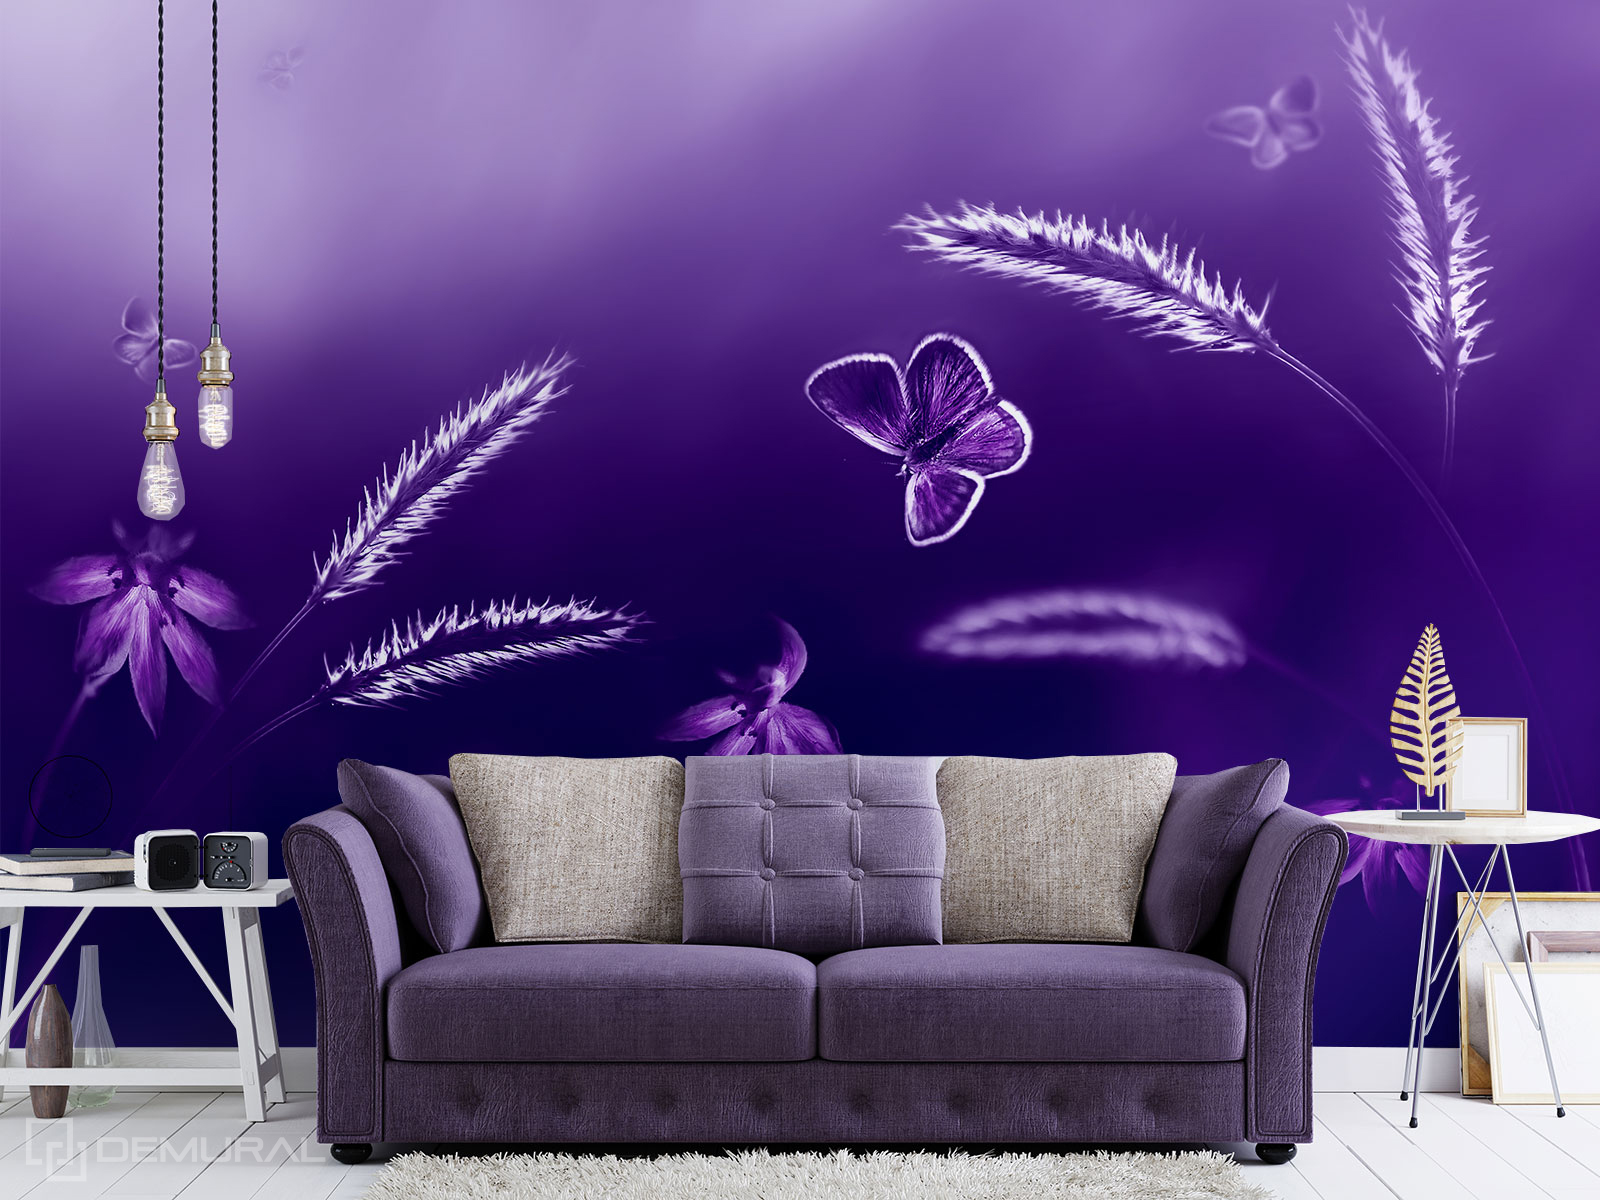 Papier peint Pré violet - Papier peint ultra violet - Demural